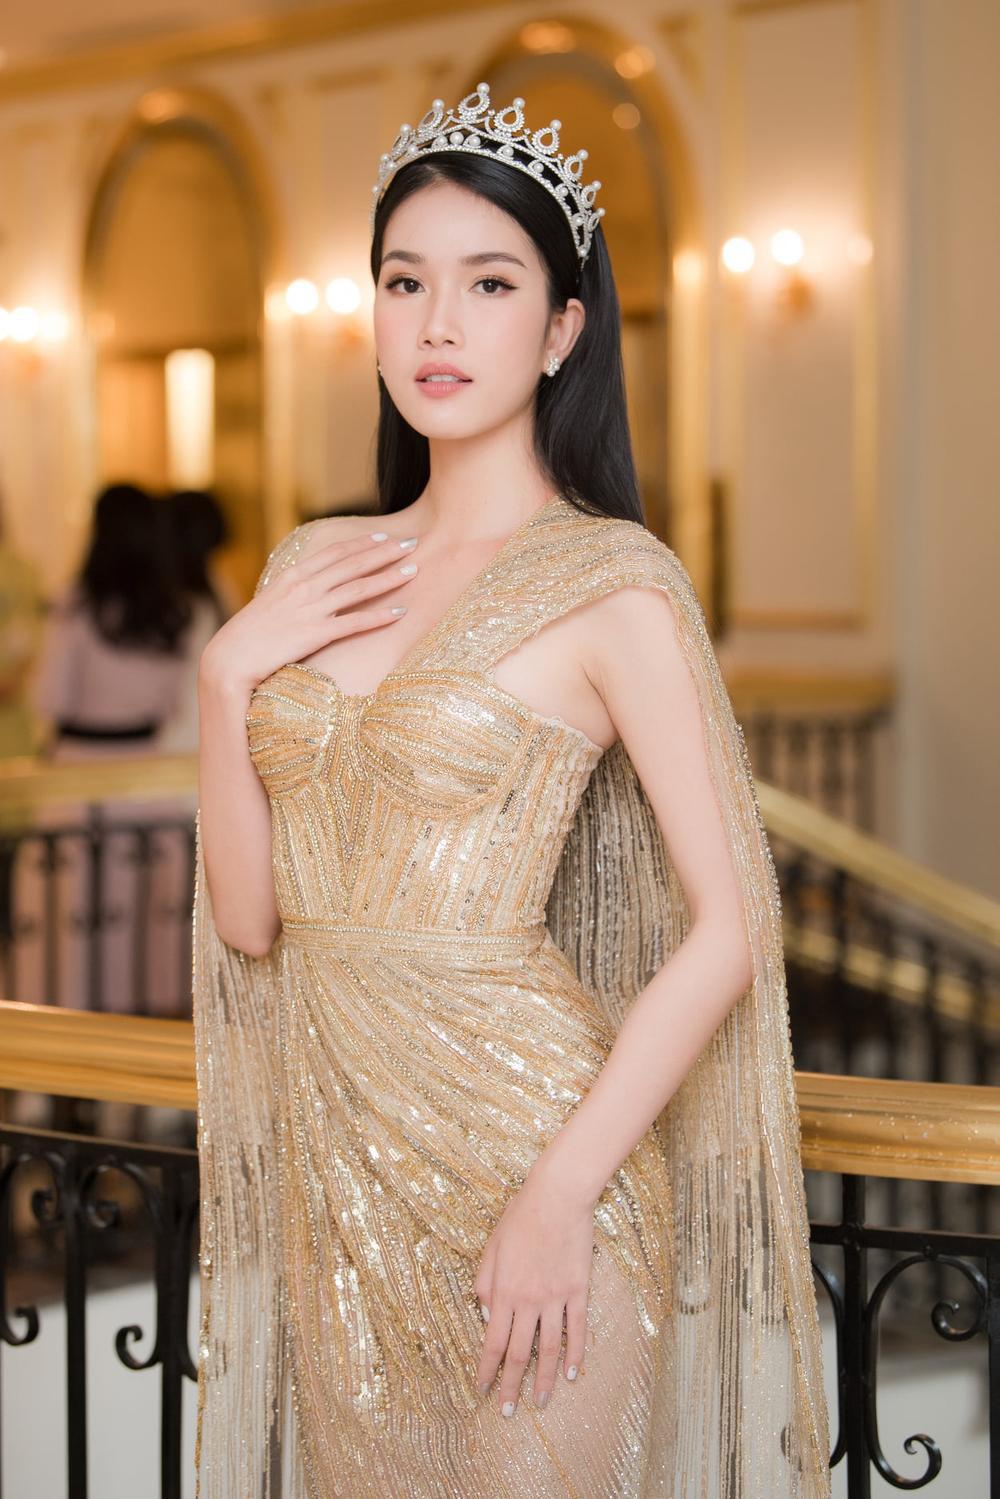 Lương Thùy Linh - Kiều Loan - Phương Anh ủng hộ thí sinh thẩm mỹ thi hoa hậu nhưng 'đẹp thôi chưa đủ' Ảnh 1